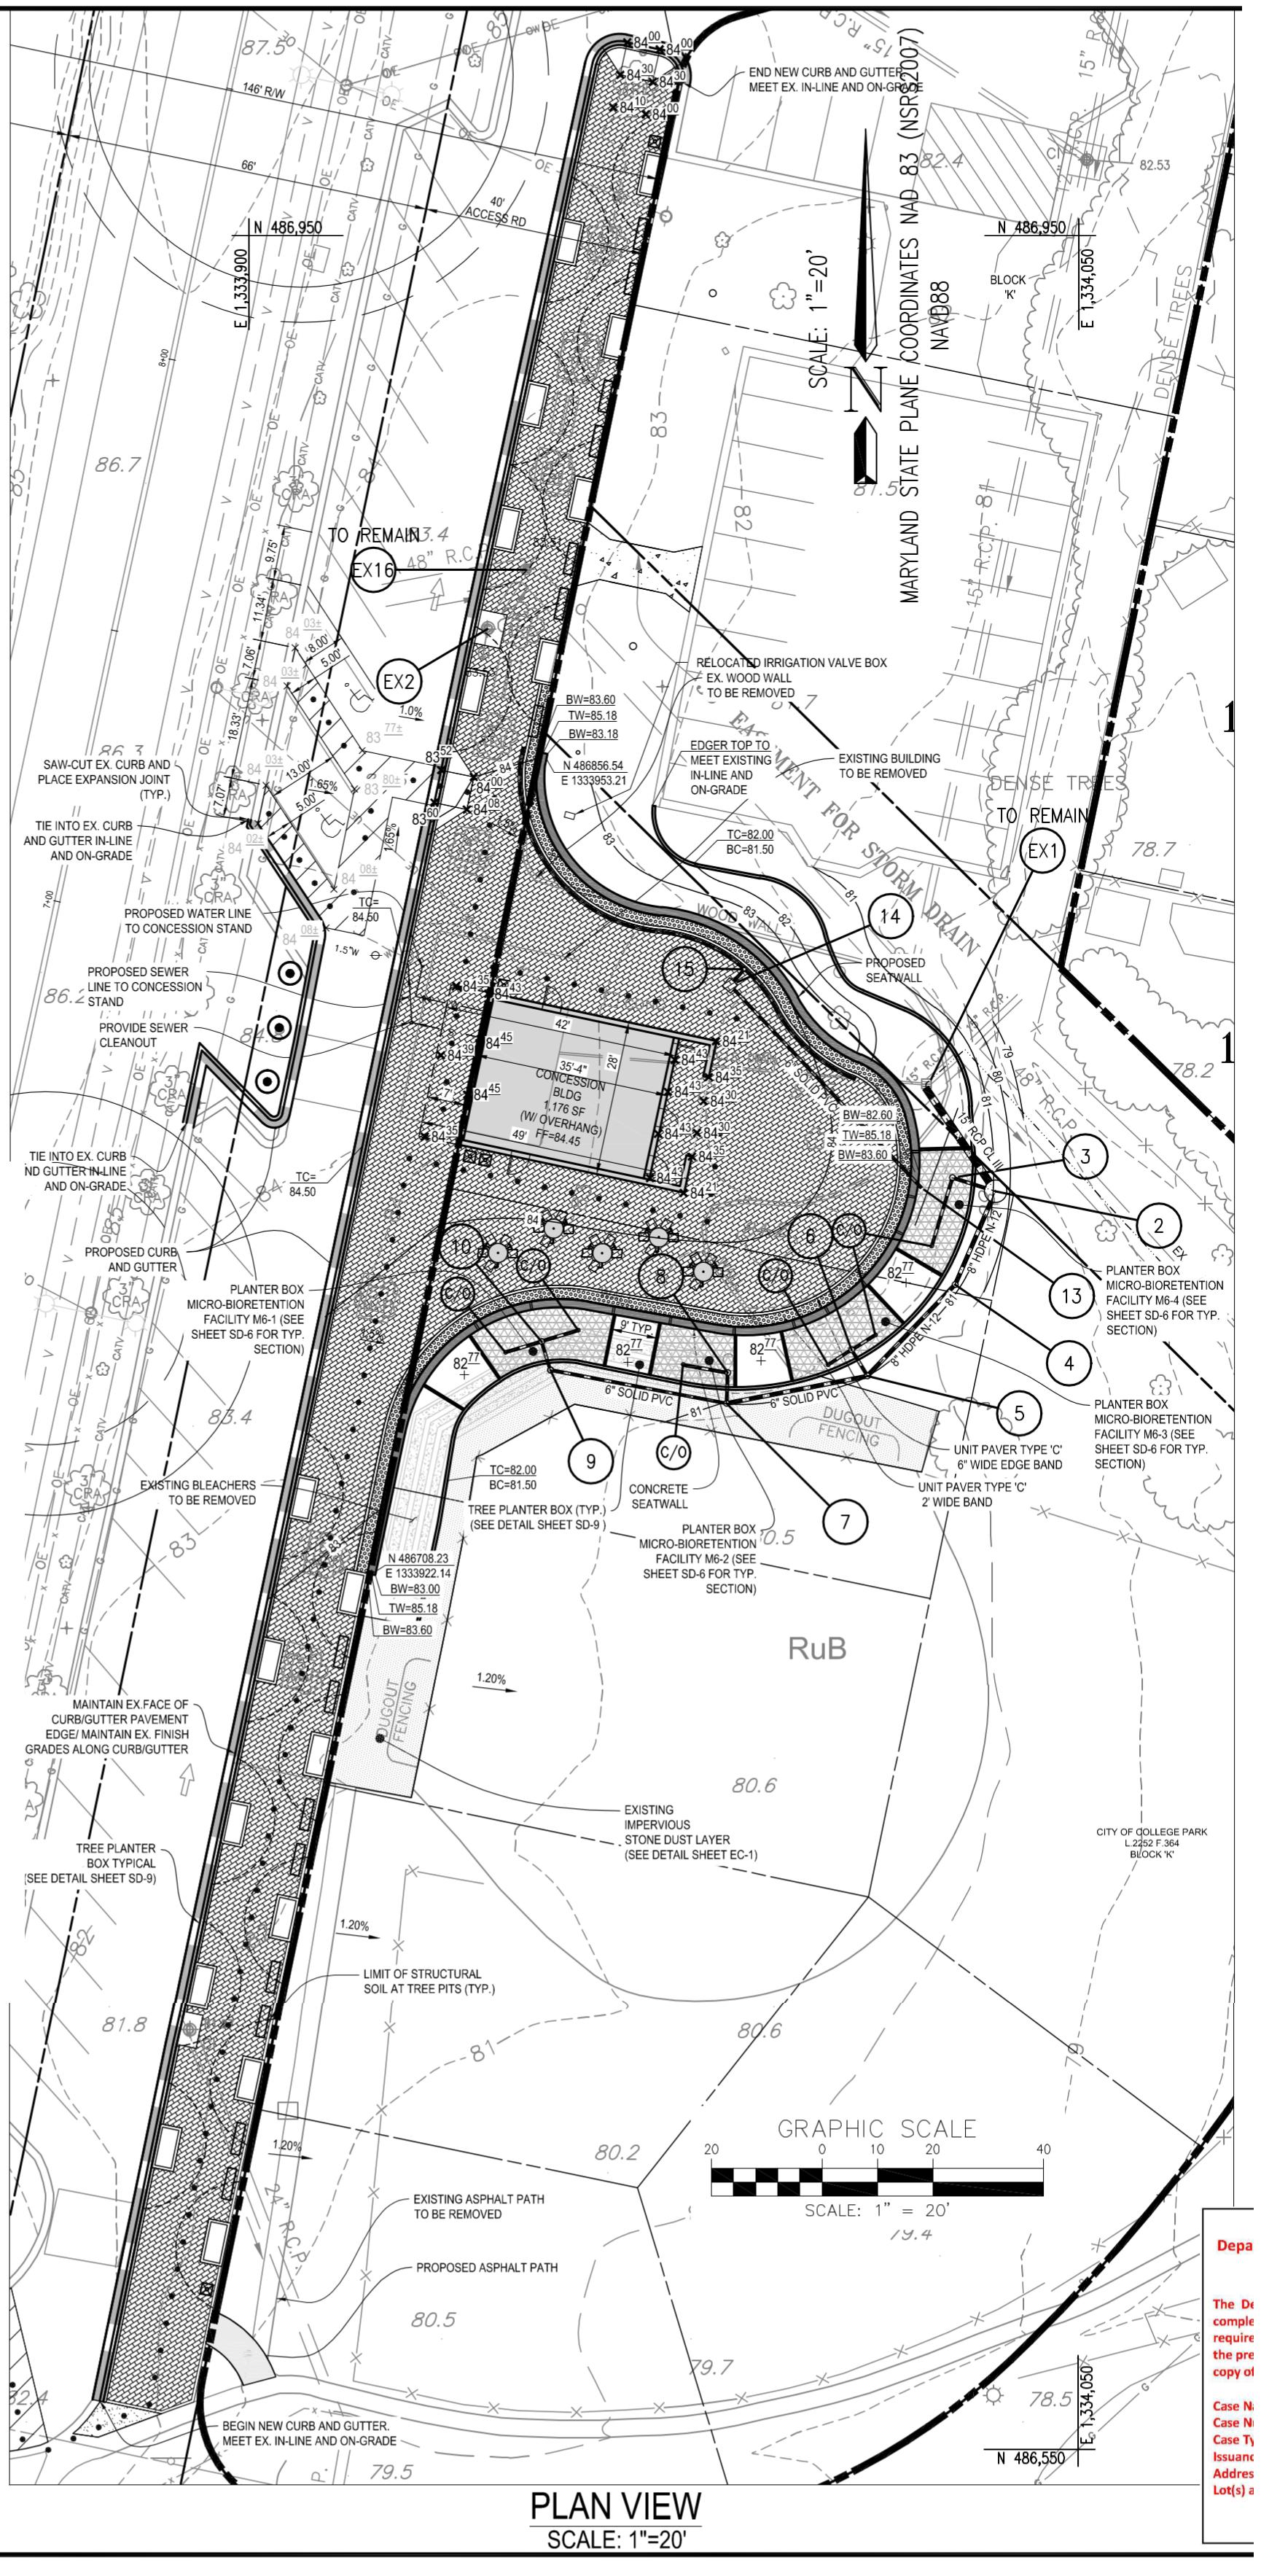 DuvalField-ConcessionStand-Plaza